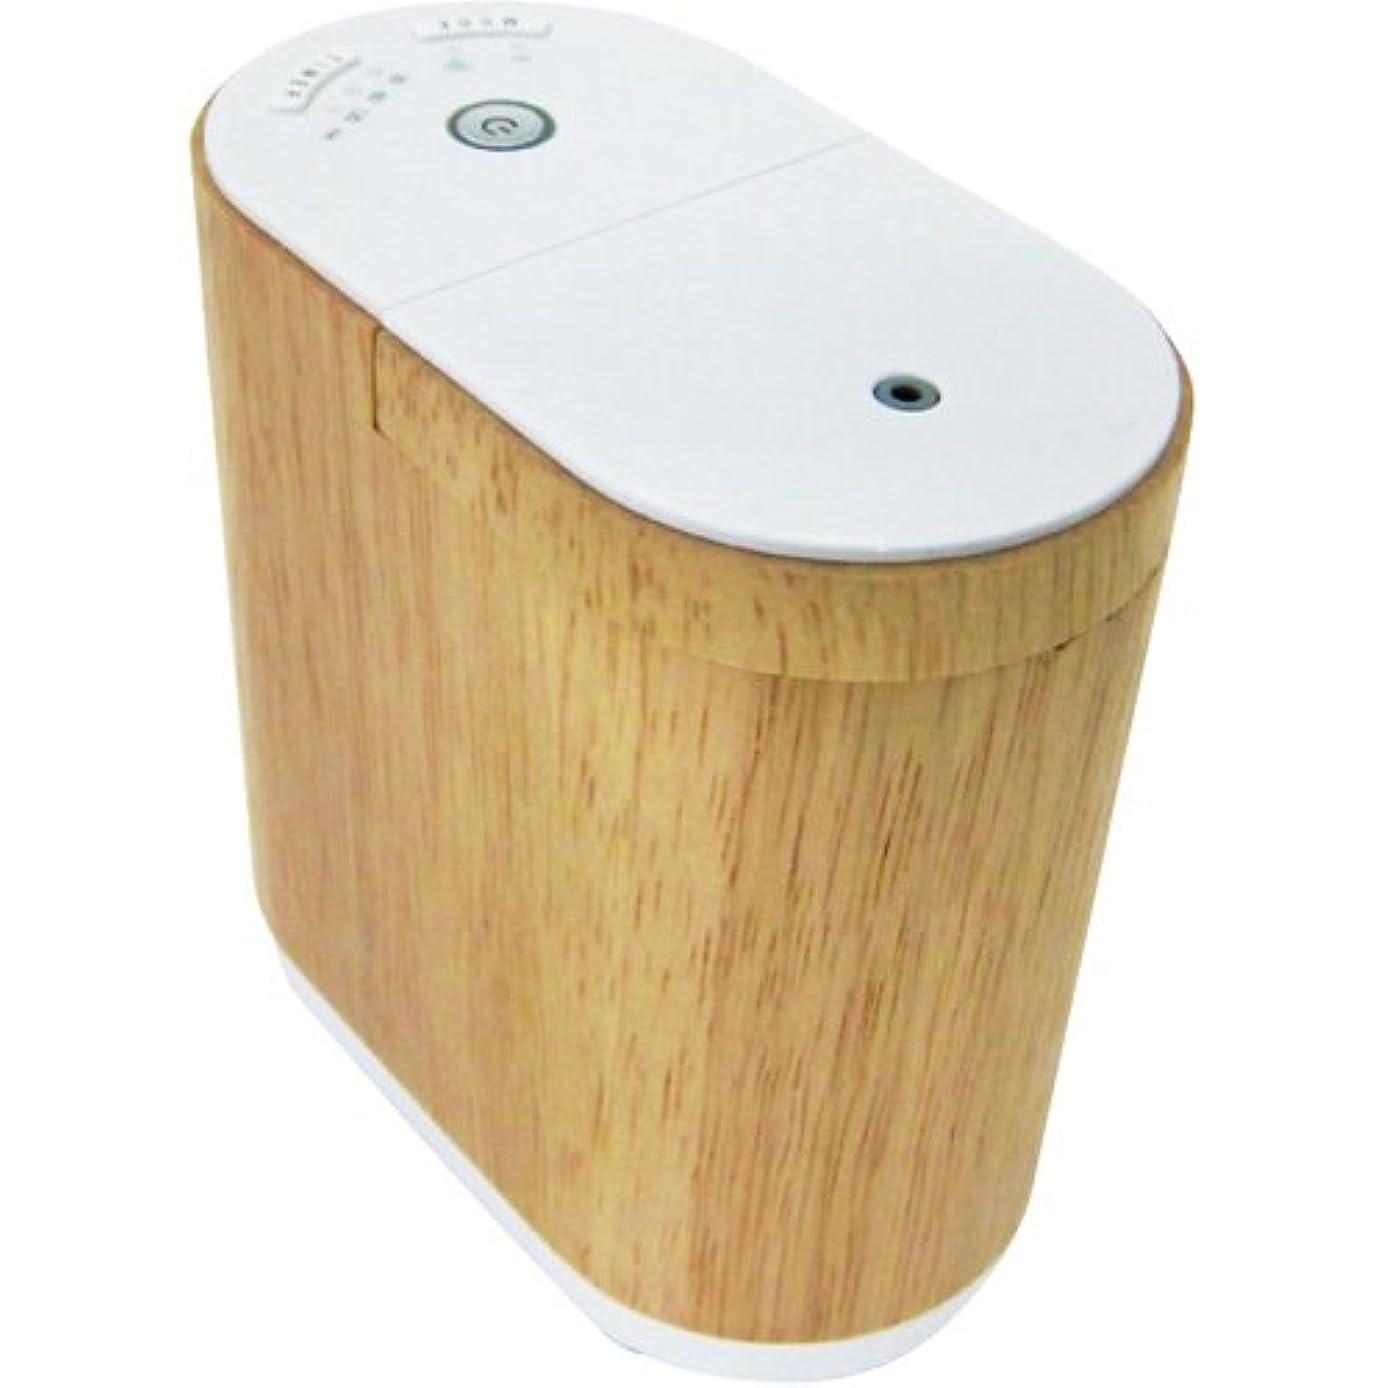 素朴な心理的是正生活の木 アロマディフューザー(ウッド)エッセンシャルオイルディフューザー aromore(アロモア) 08-801-6010